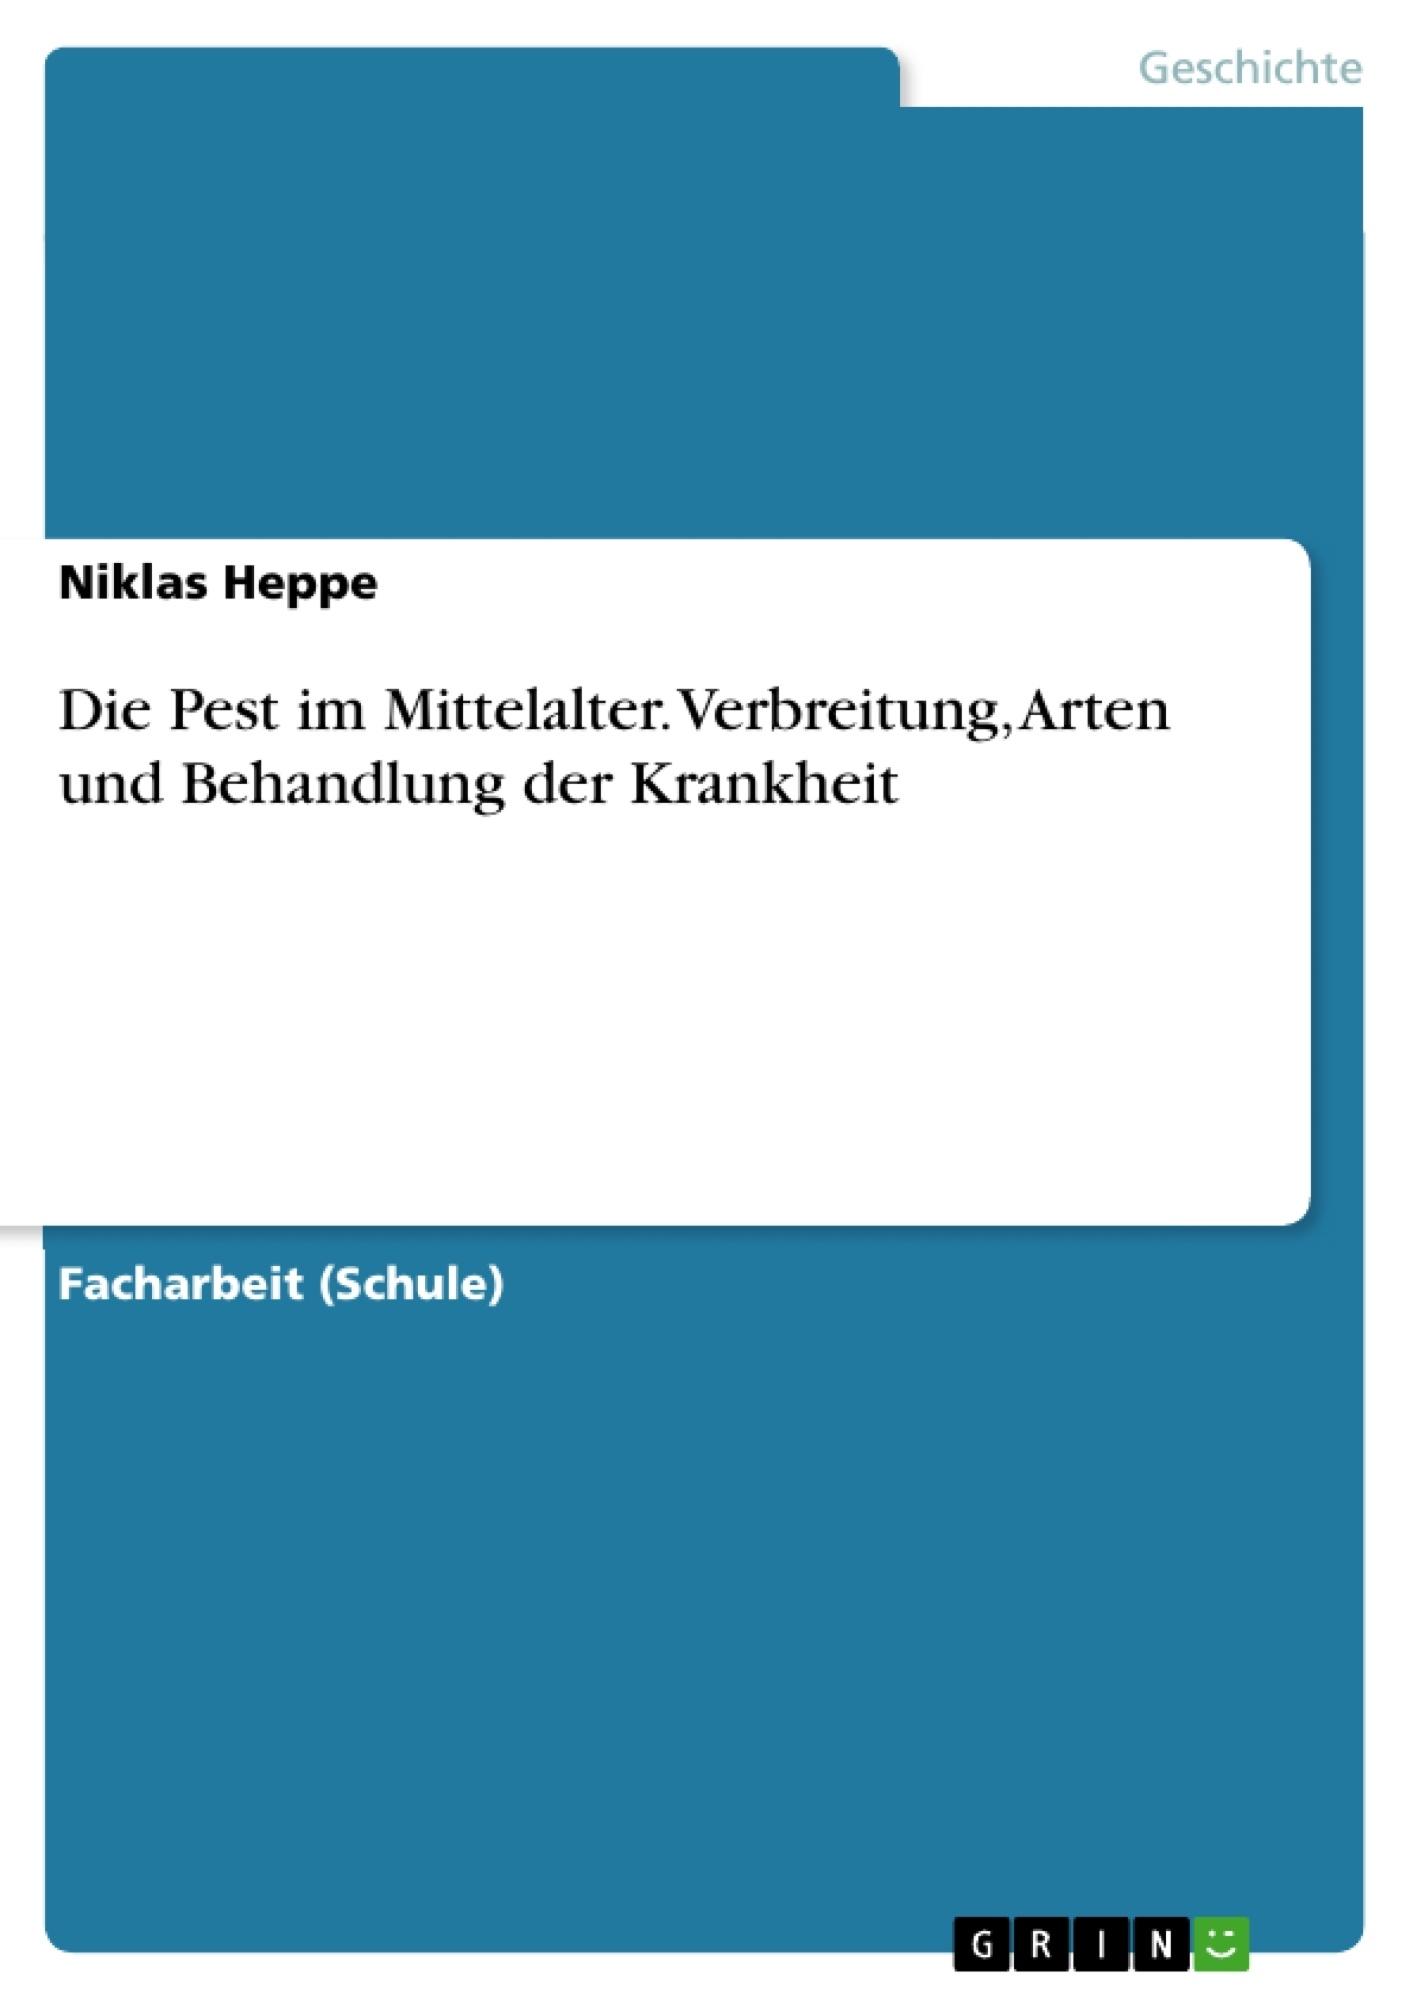 Titel: Die Pest im Mittelalter. Verbreitung, Arten und Behandlung der Krankheit